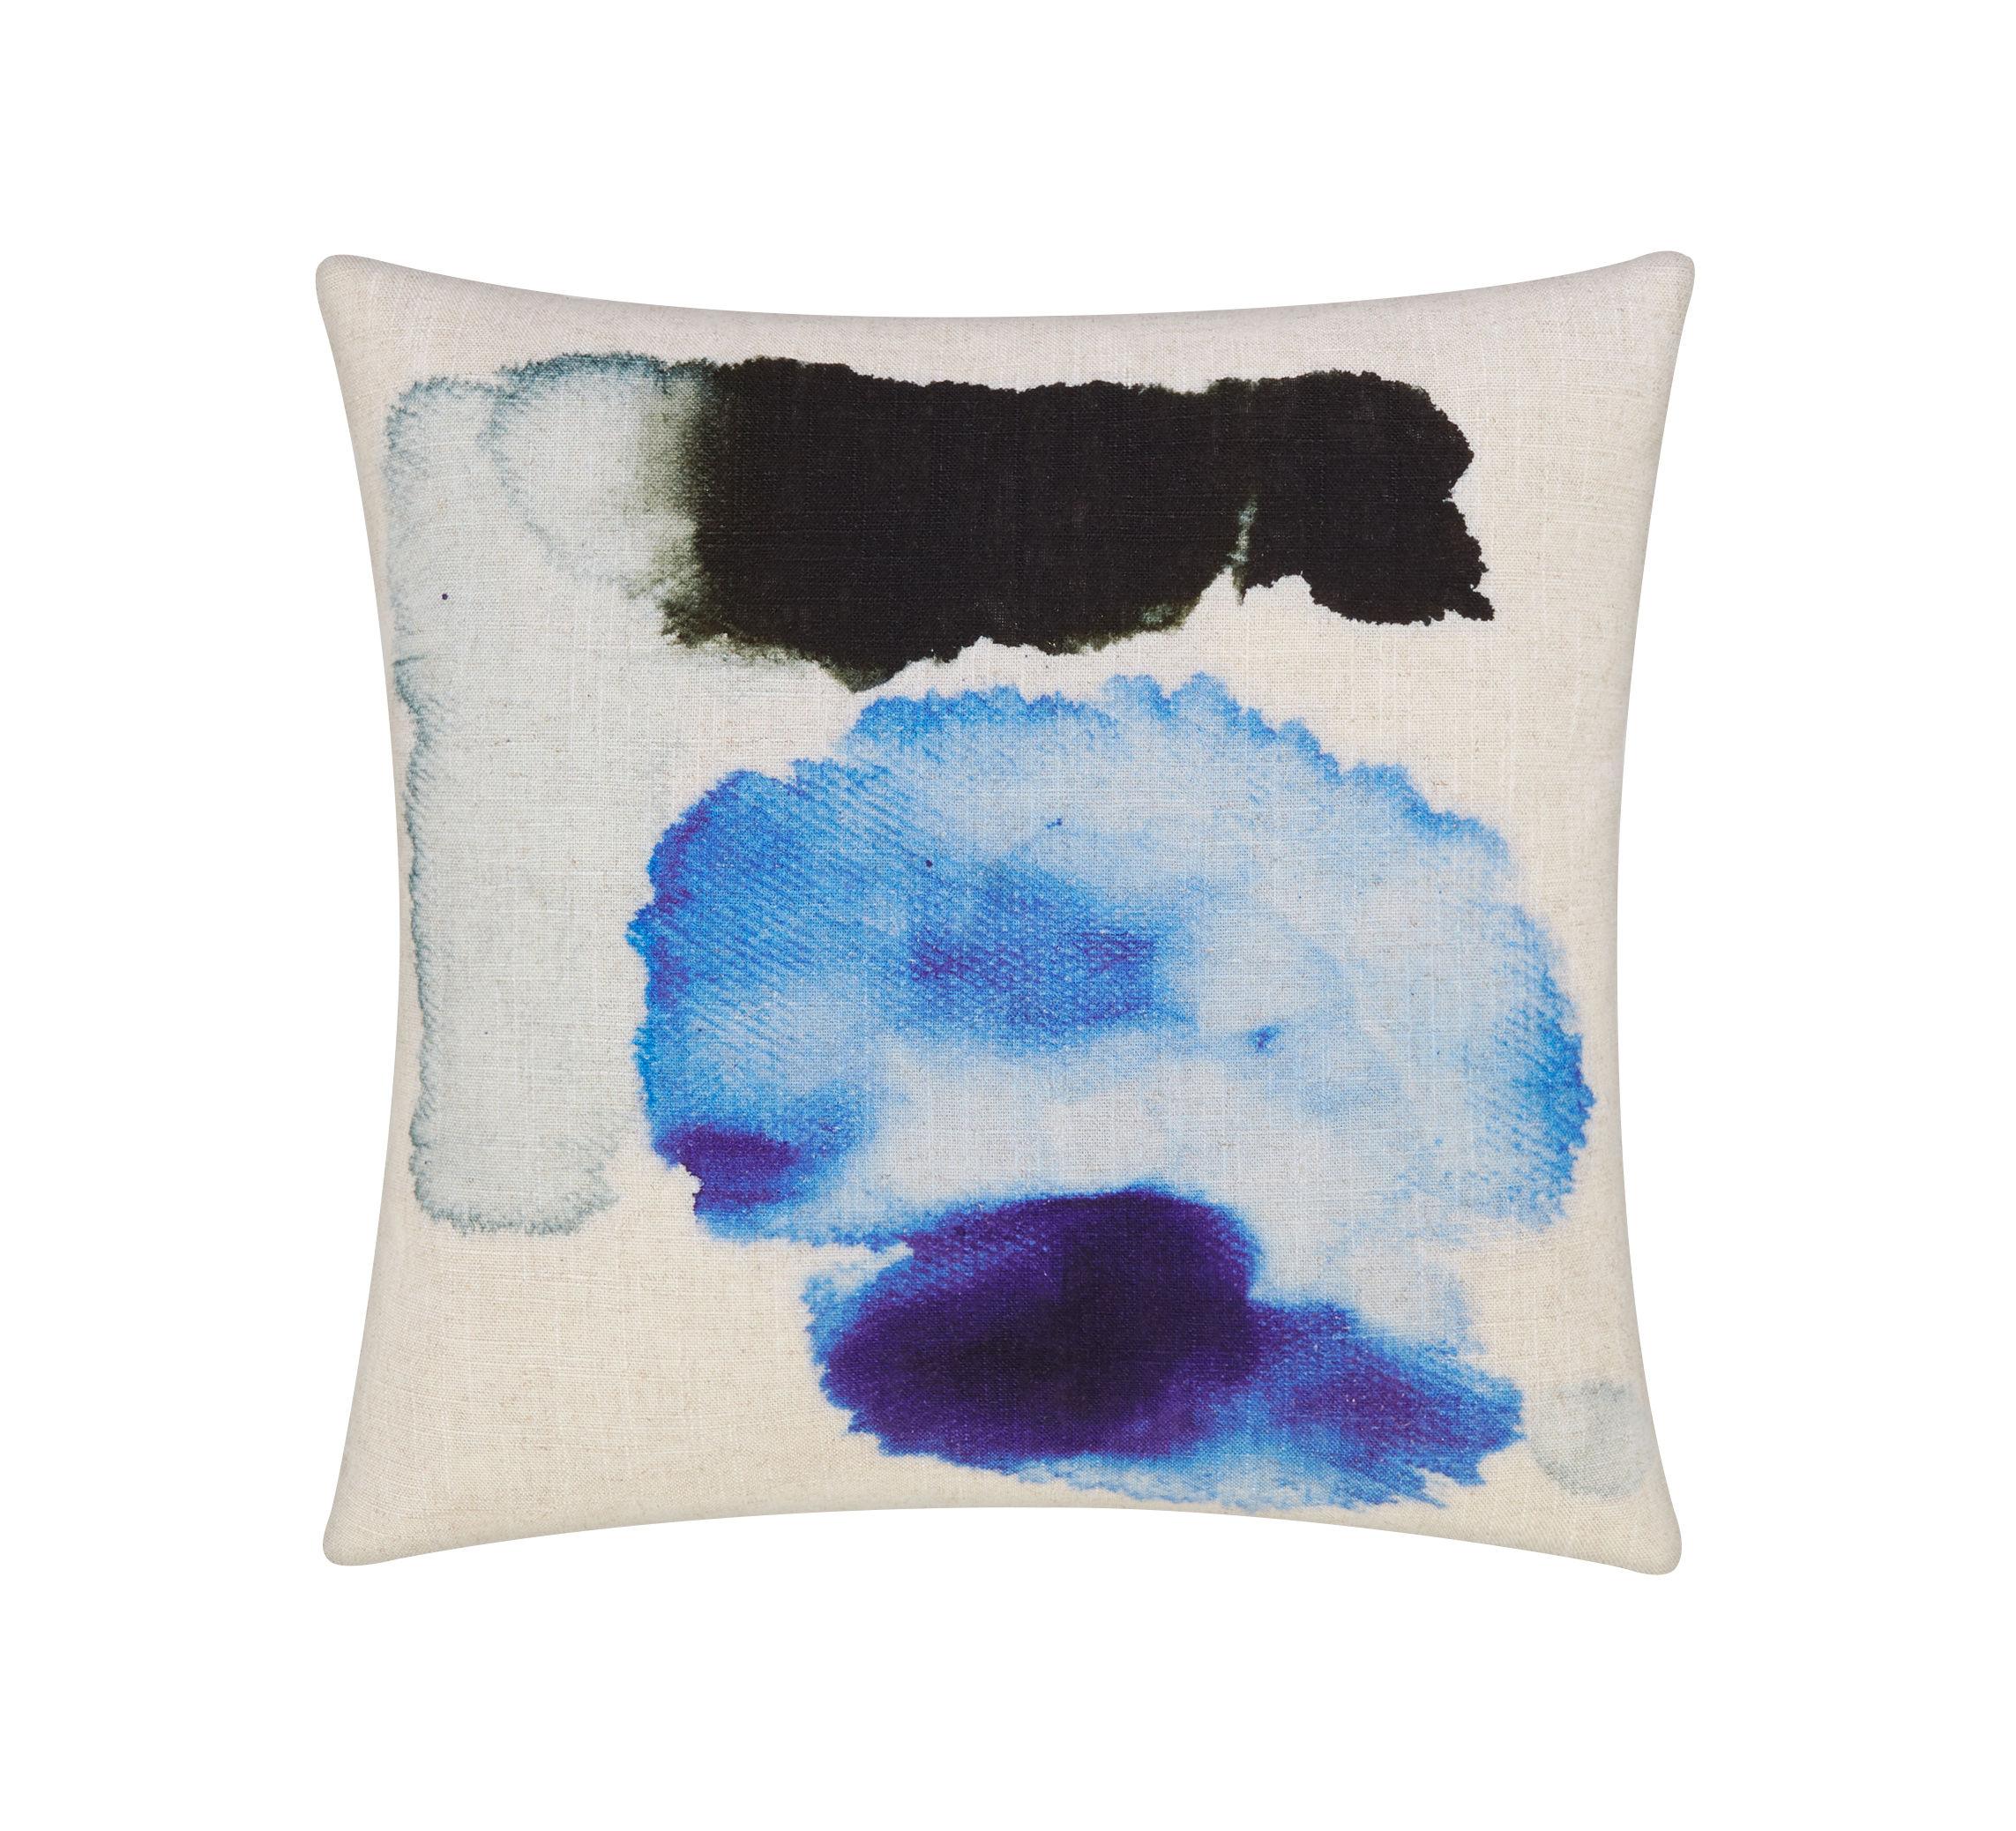 Déco - Coussins - Coussin Blot / 45 x 45 cm - Tom Dixon - 45 x 45 cm / Bleu - Lin, Plumes canard, Viscose